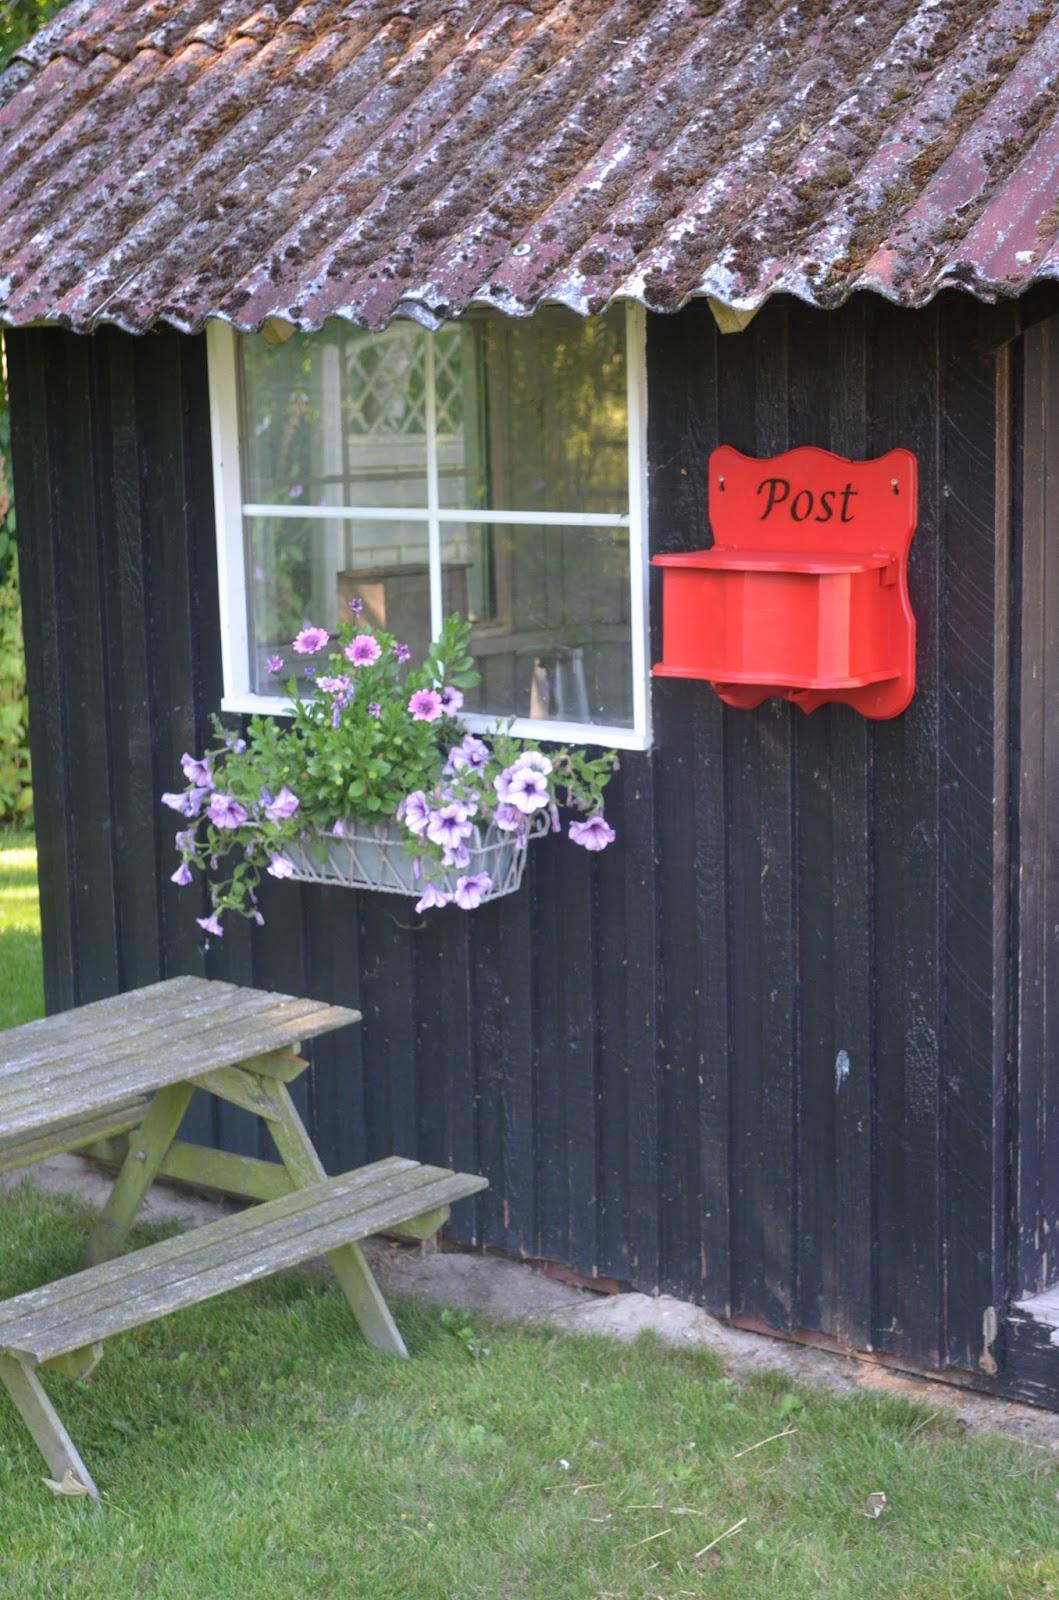 #B61615 Anbefalede Bonderosen: Gør Det Selv  Postkasse Gør Det Selv Marked Næstved åbningstider 5757 105916005757